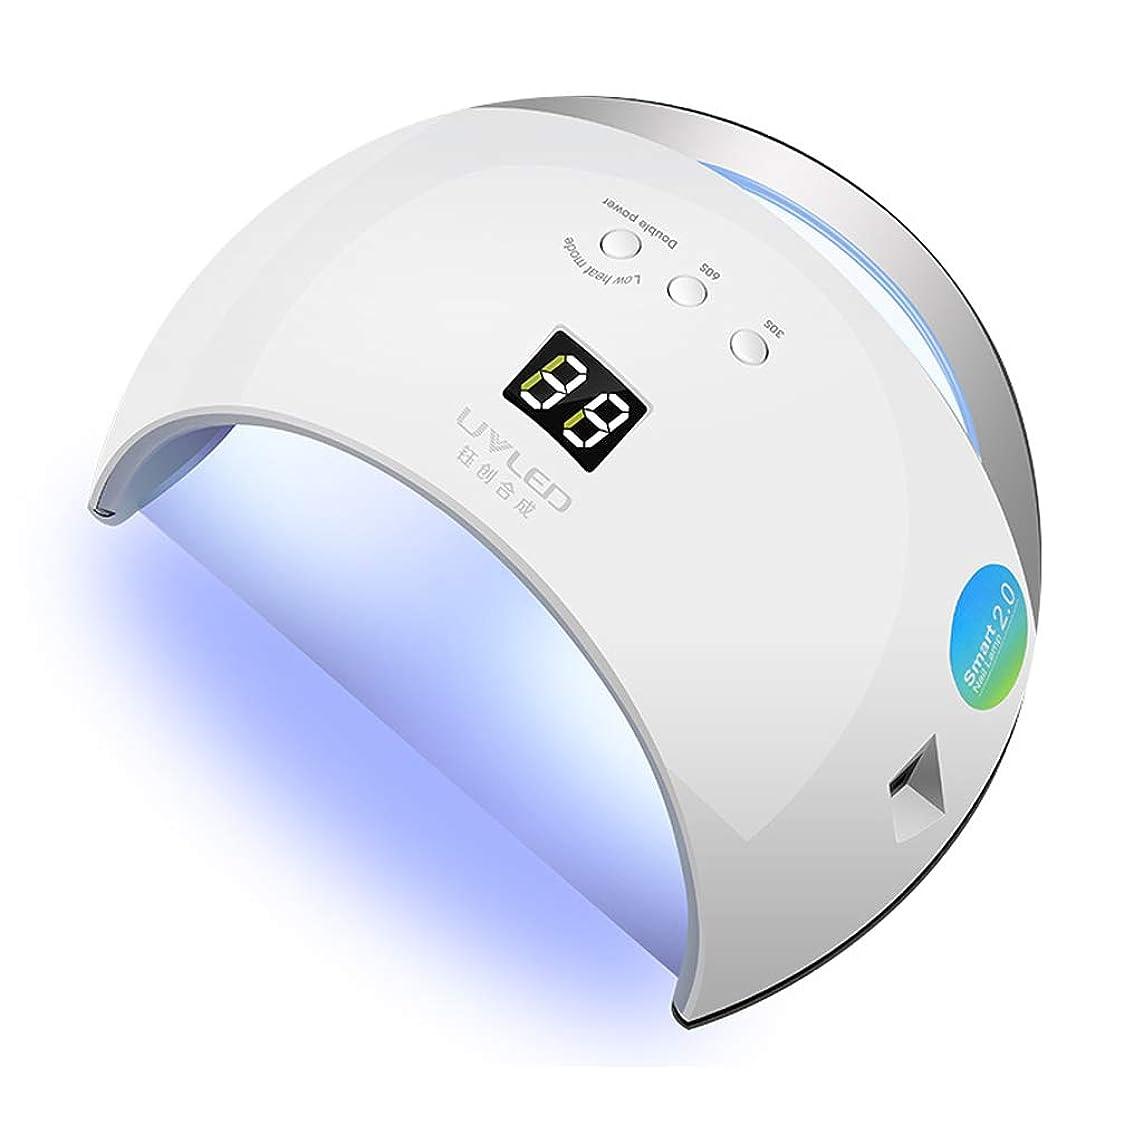 浮浪者寝室を掃除するセグメントUV LEDネイル光線療法ランプ、ゲル研磨用48Wネイルドライヤー、3タイマー付きスマートディスプレイ